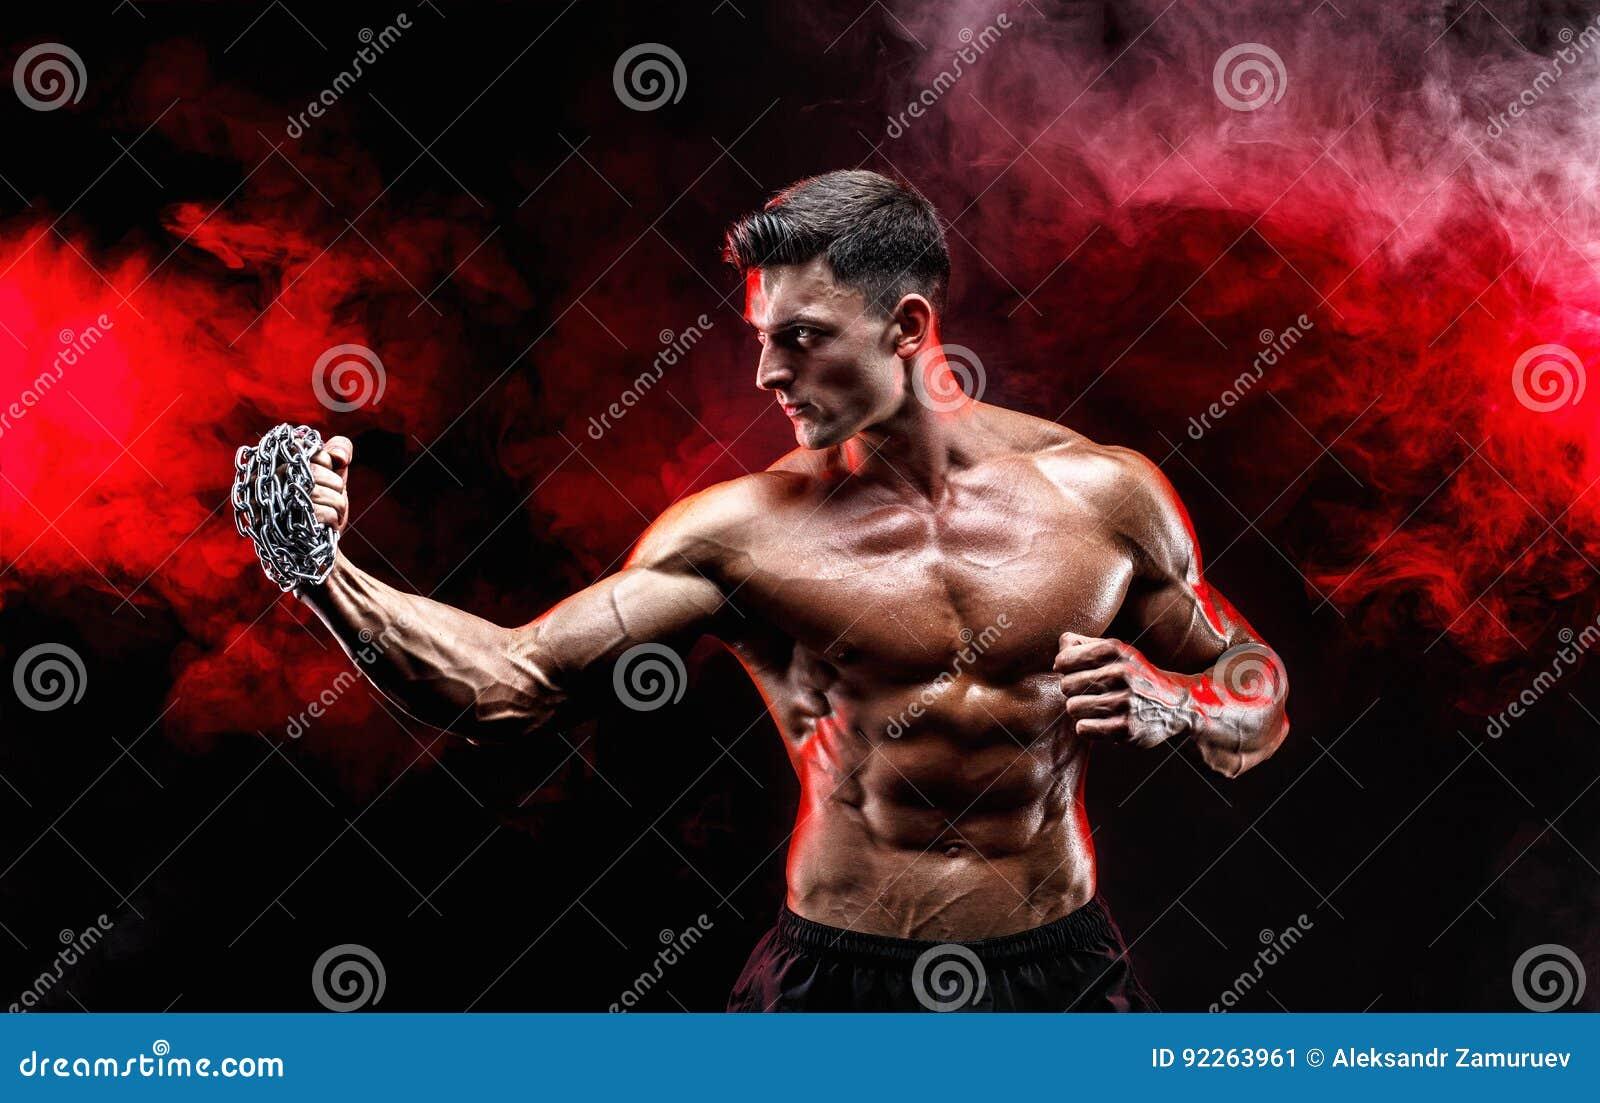 Серьезный мышечный боец делая пунш при цепи заплетенные над его кулаком